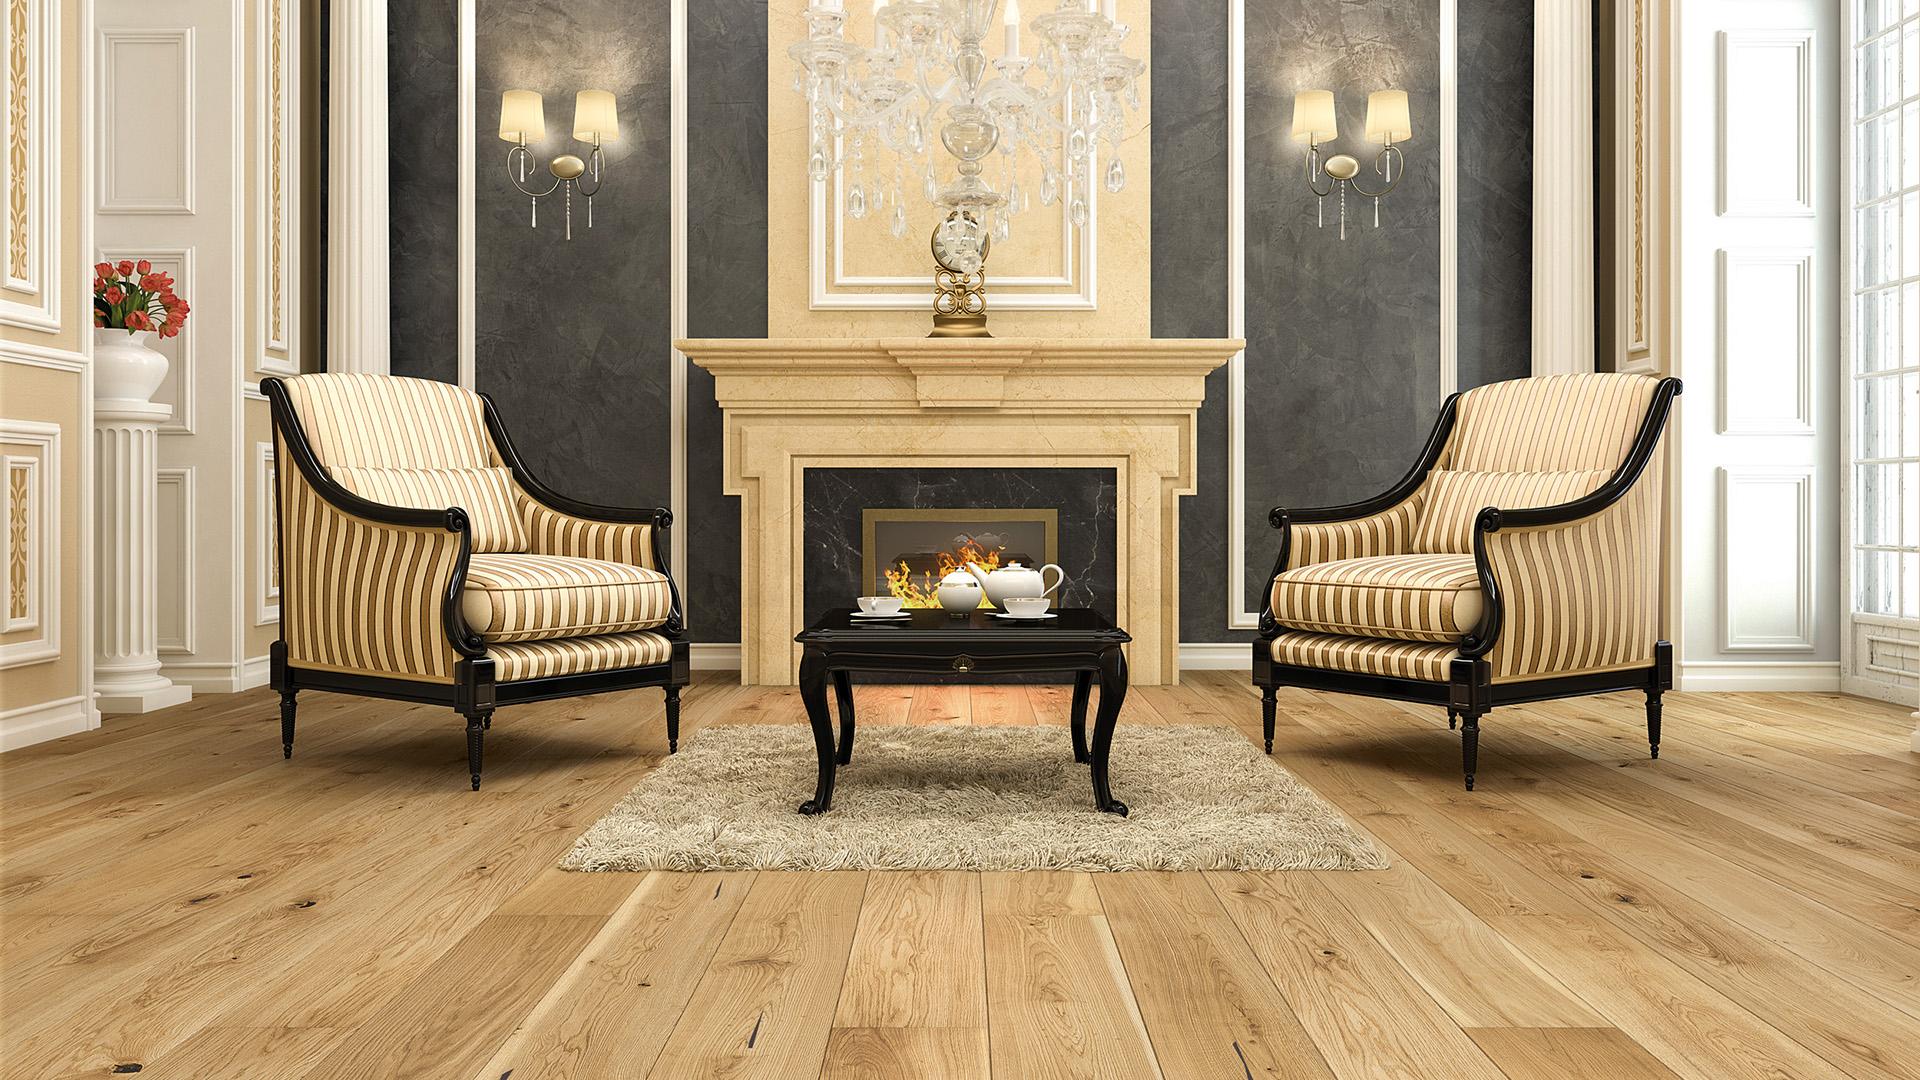 Chcete opravdový luxus? Zvolte dřevěné podlahy